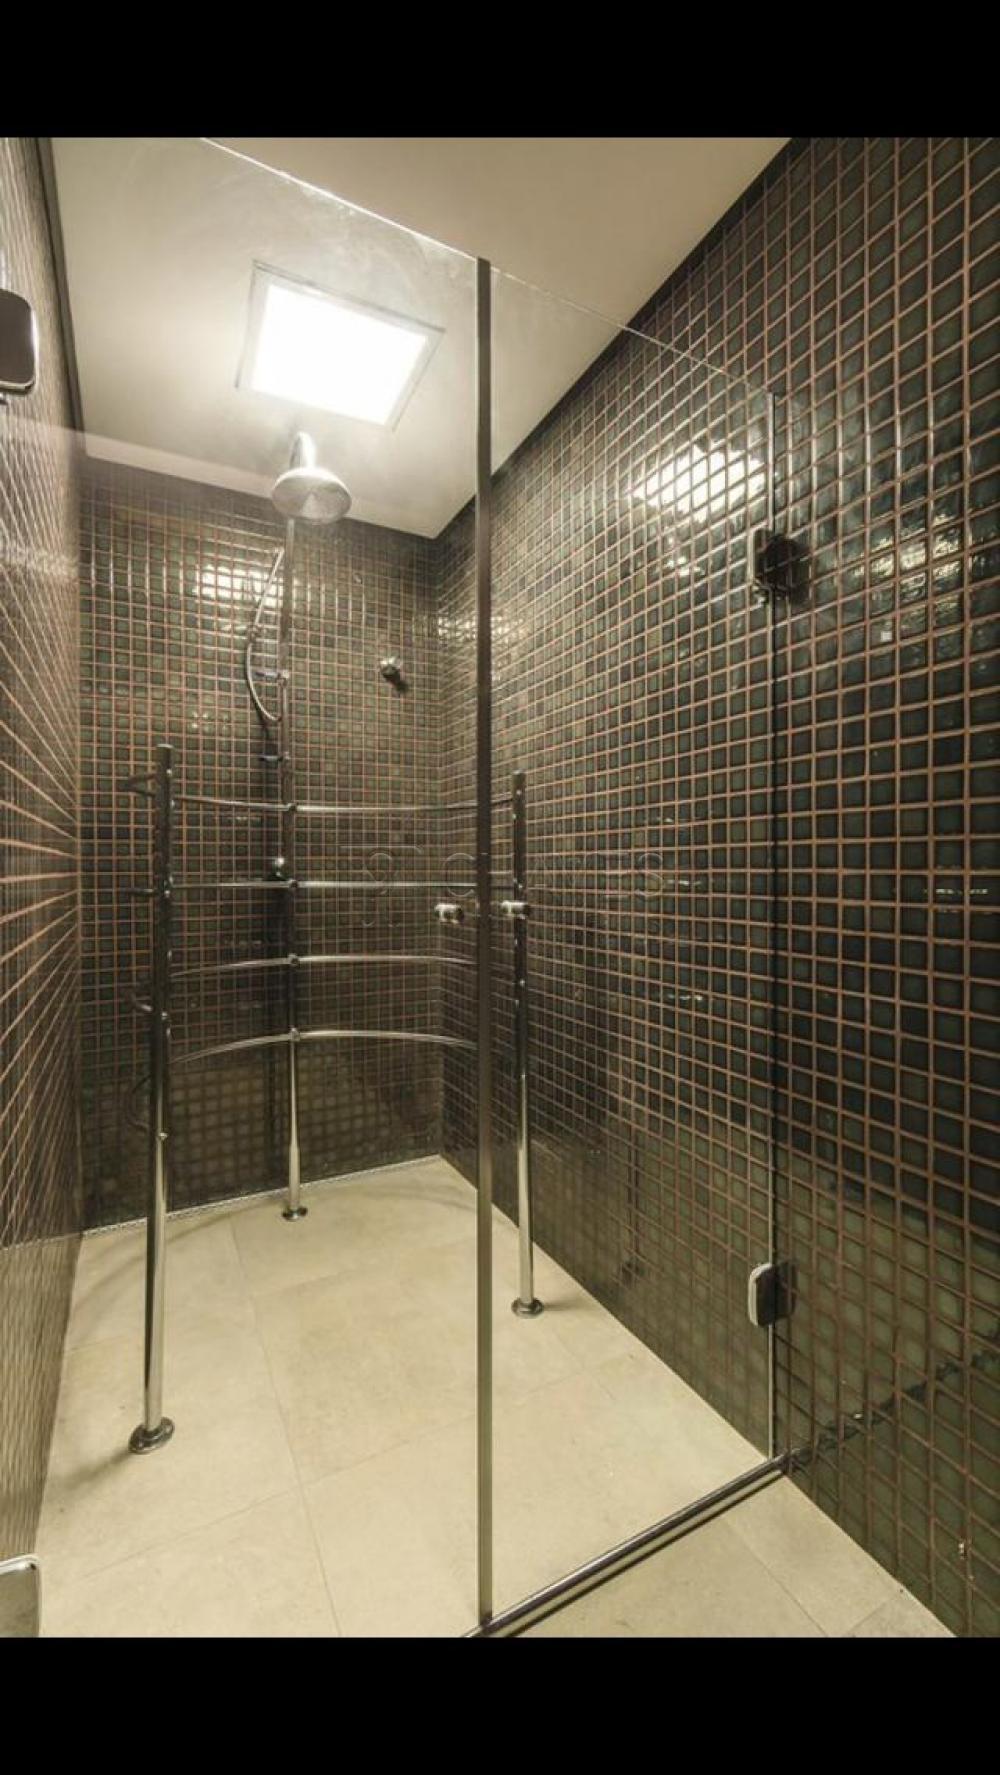 Alugar Apartamento / Padrão em Ribeirão Preto apenas R$ 1.900,00 - Foto 11